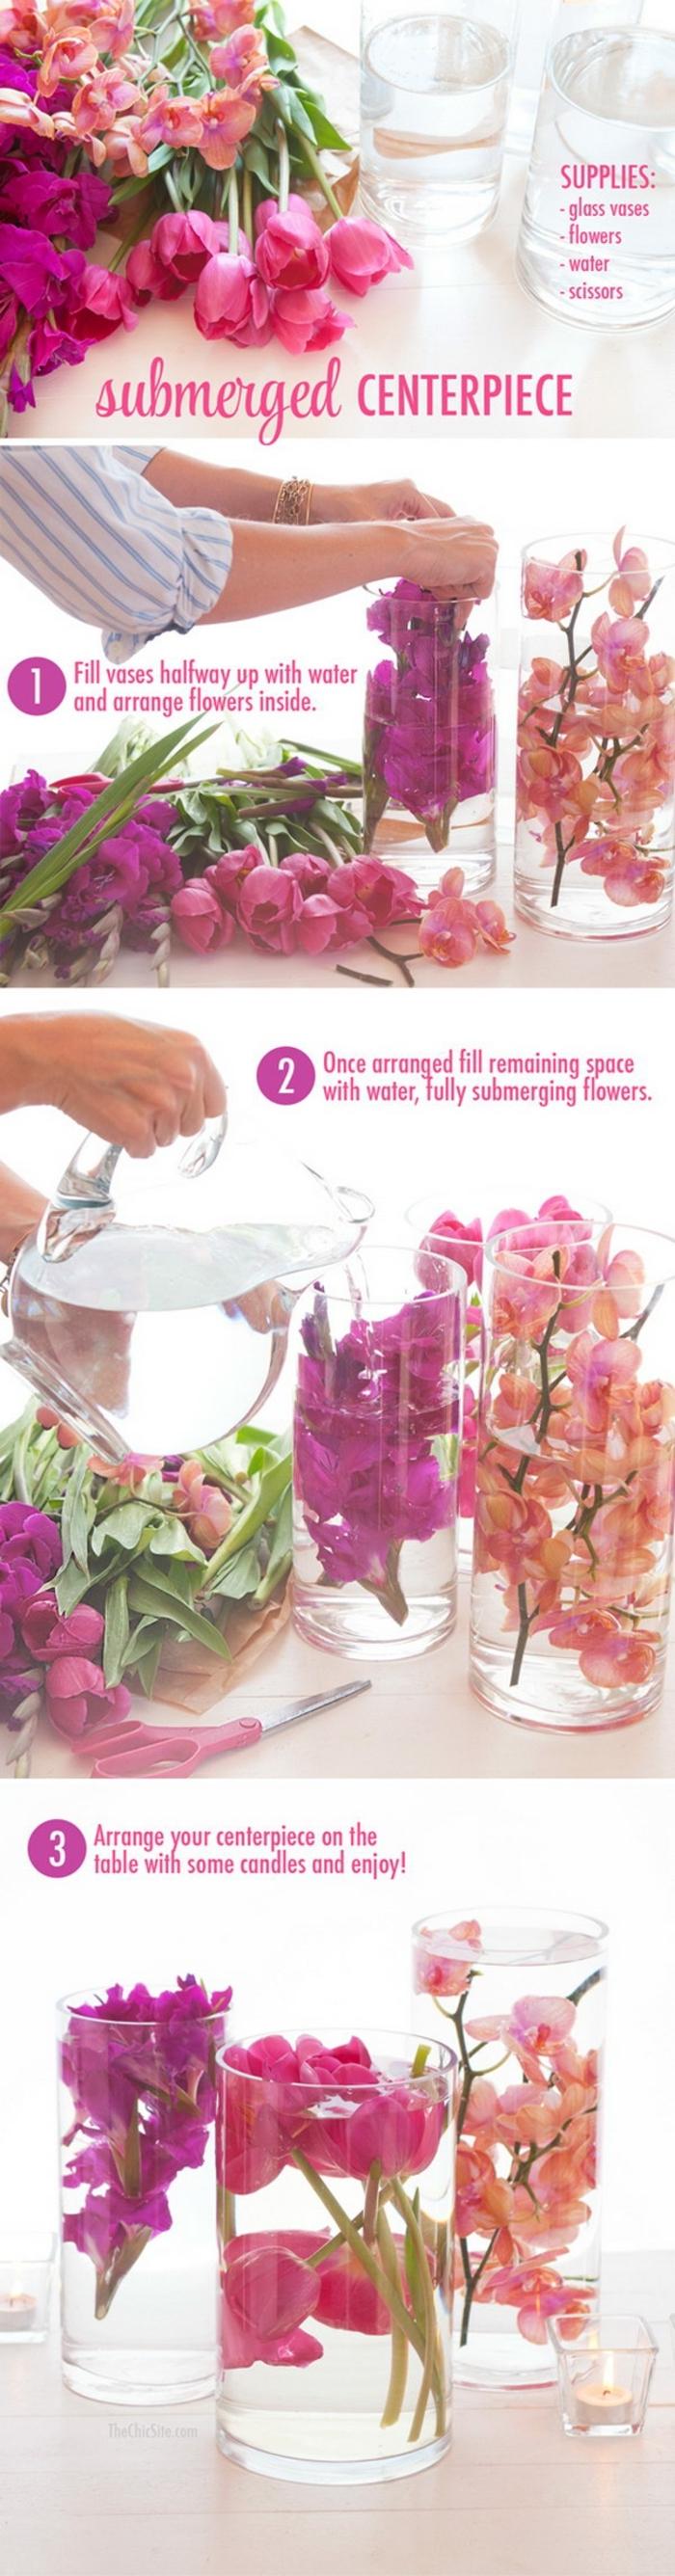 tischdekoration selber machen, anleitungen in bildern, lila deko mit orchideen und anderen